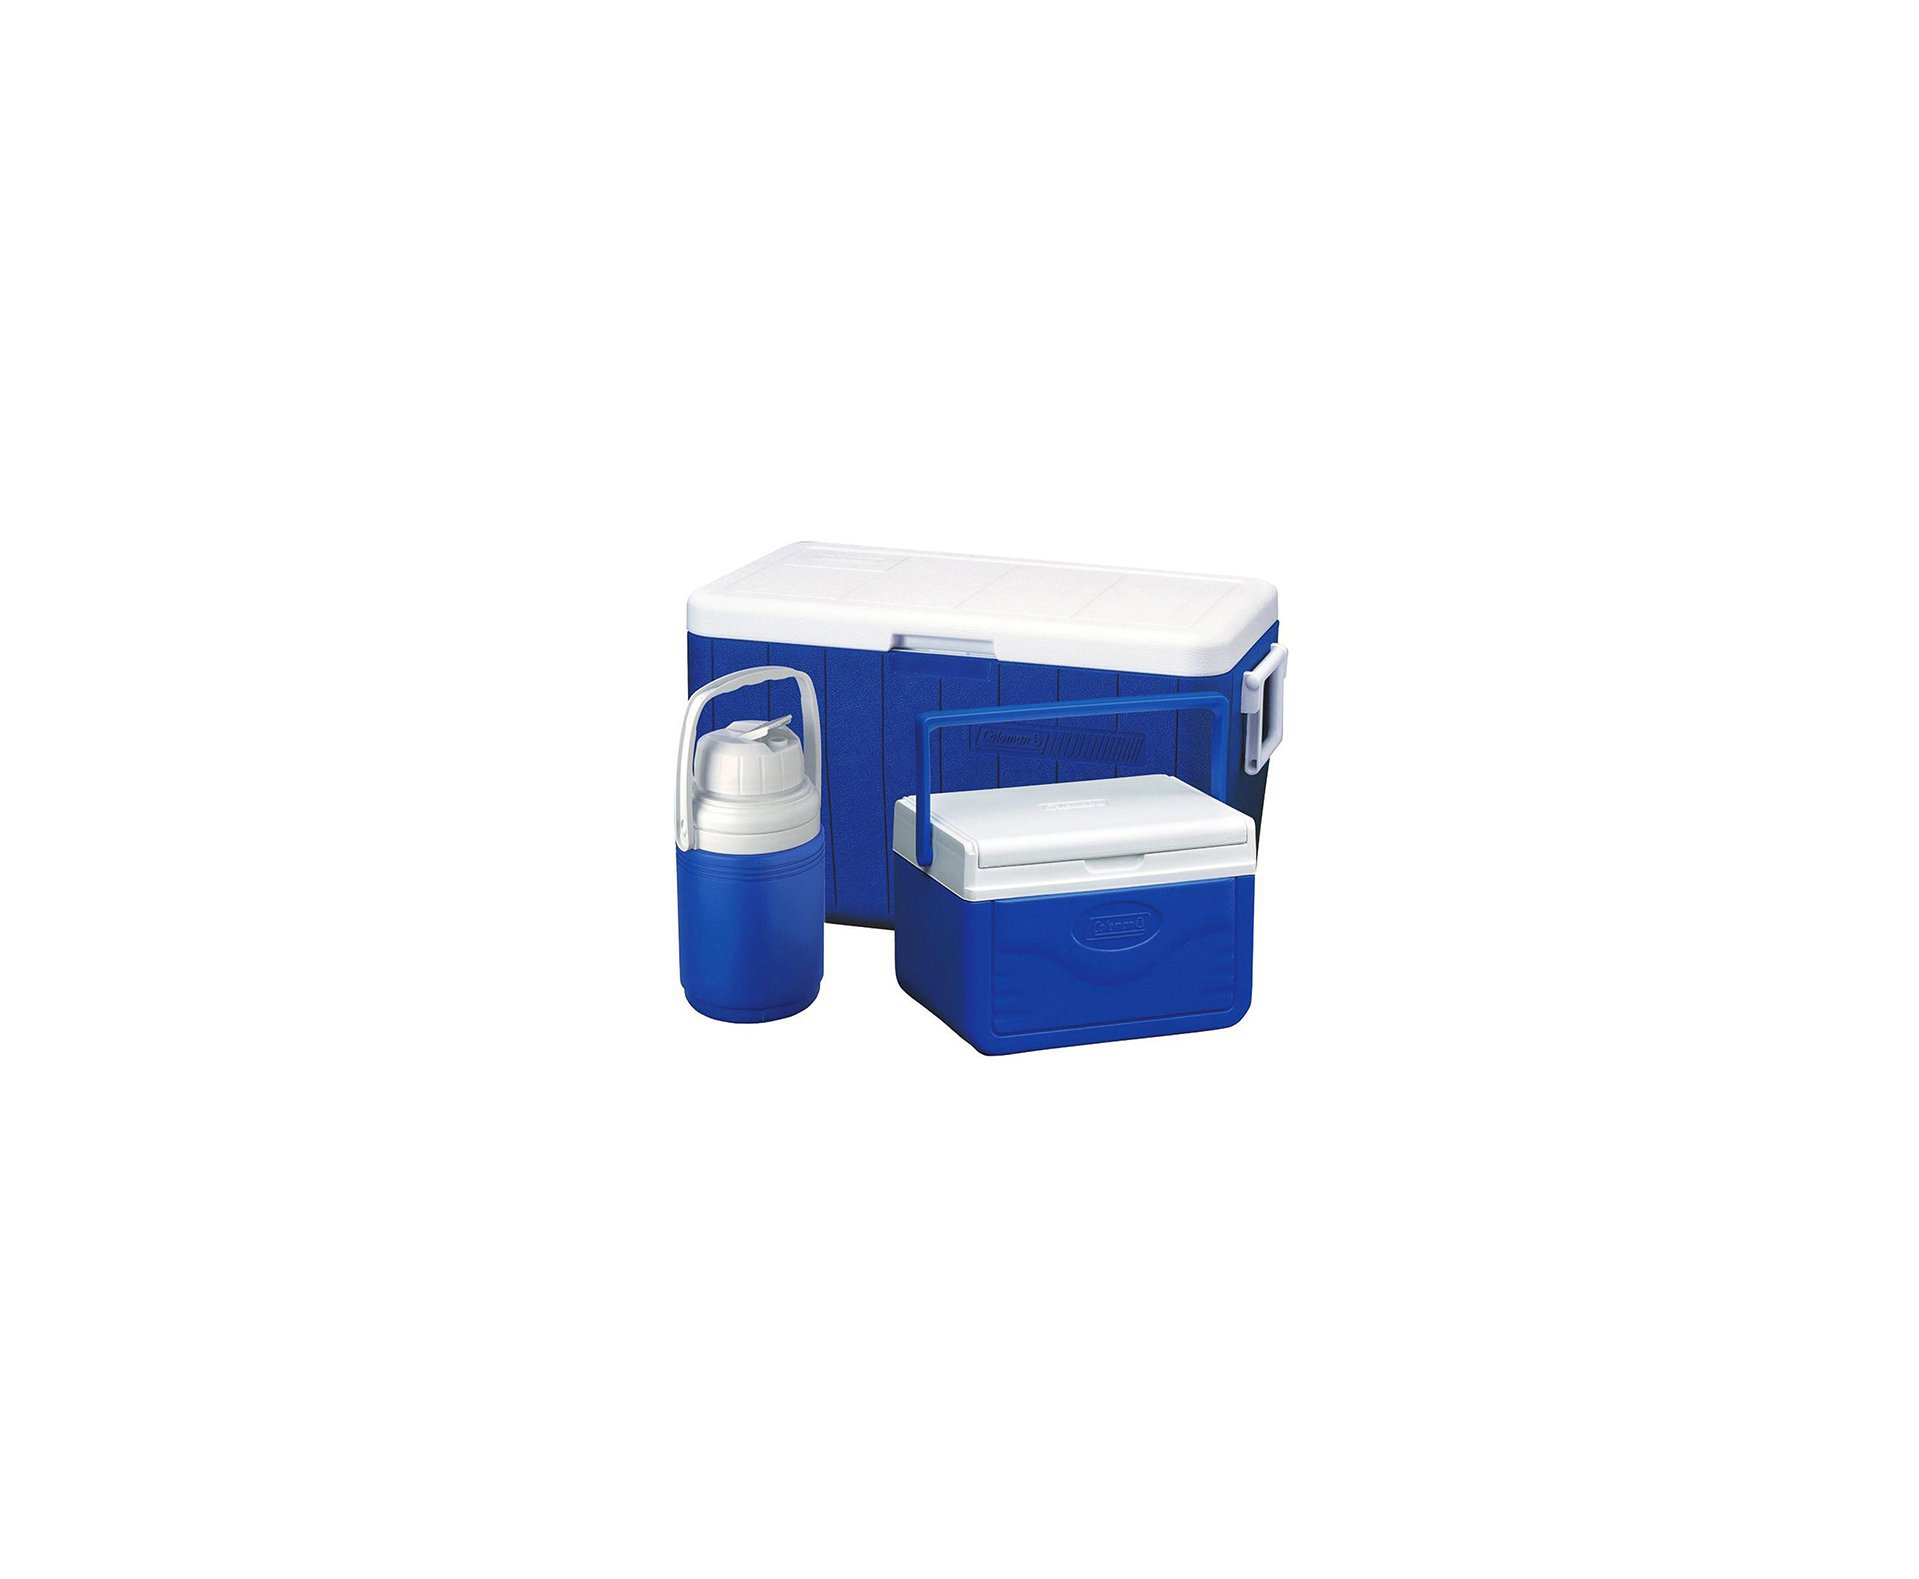 Combo 54 Qt (caixa Termica 51lts + Garrafa 1,2 Lts + Caixa 5 Lts) - Azul - Coleman